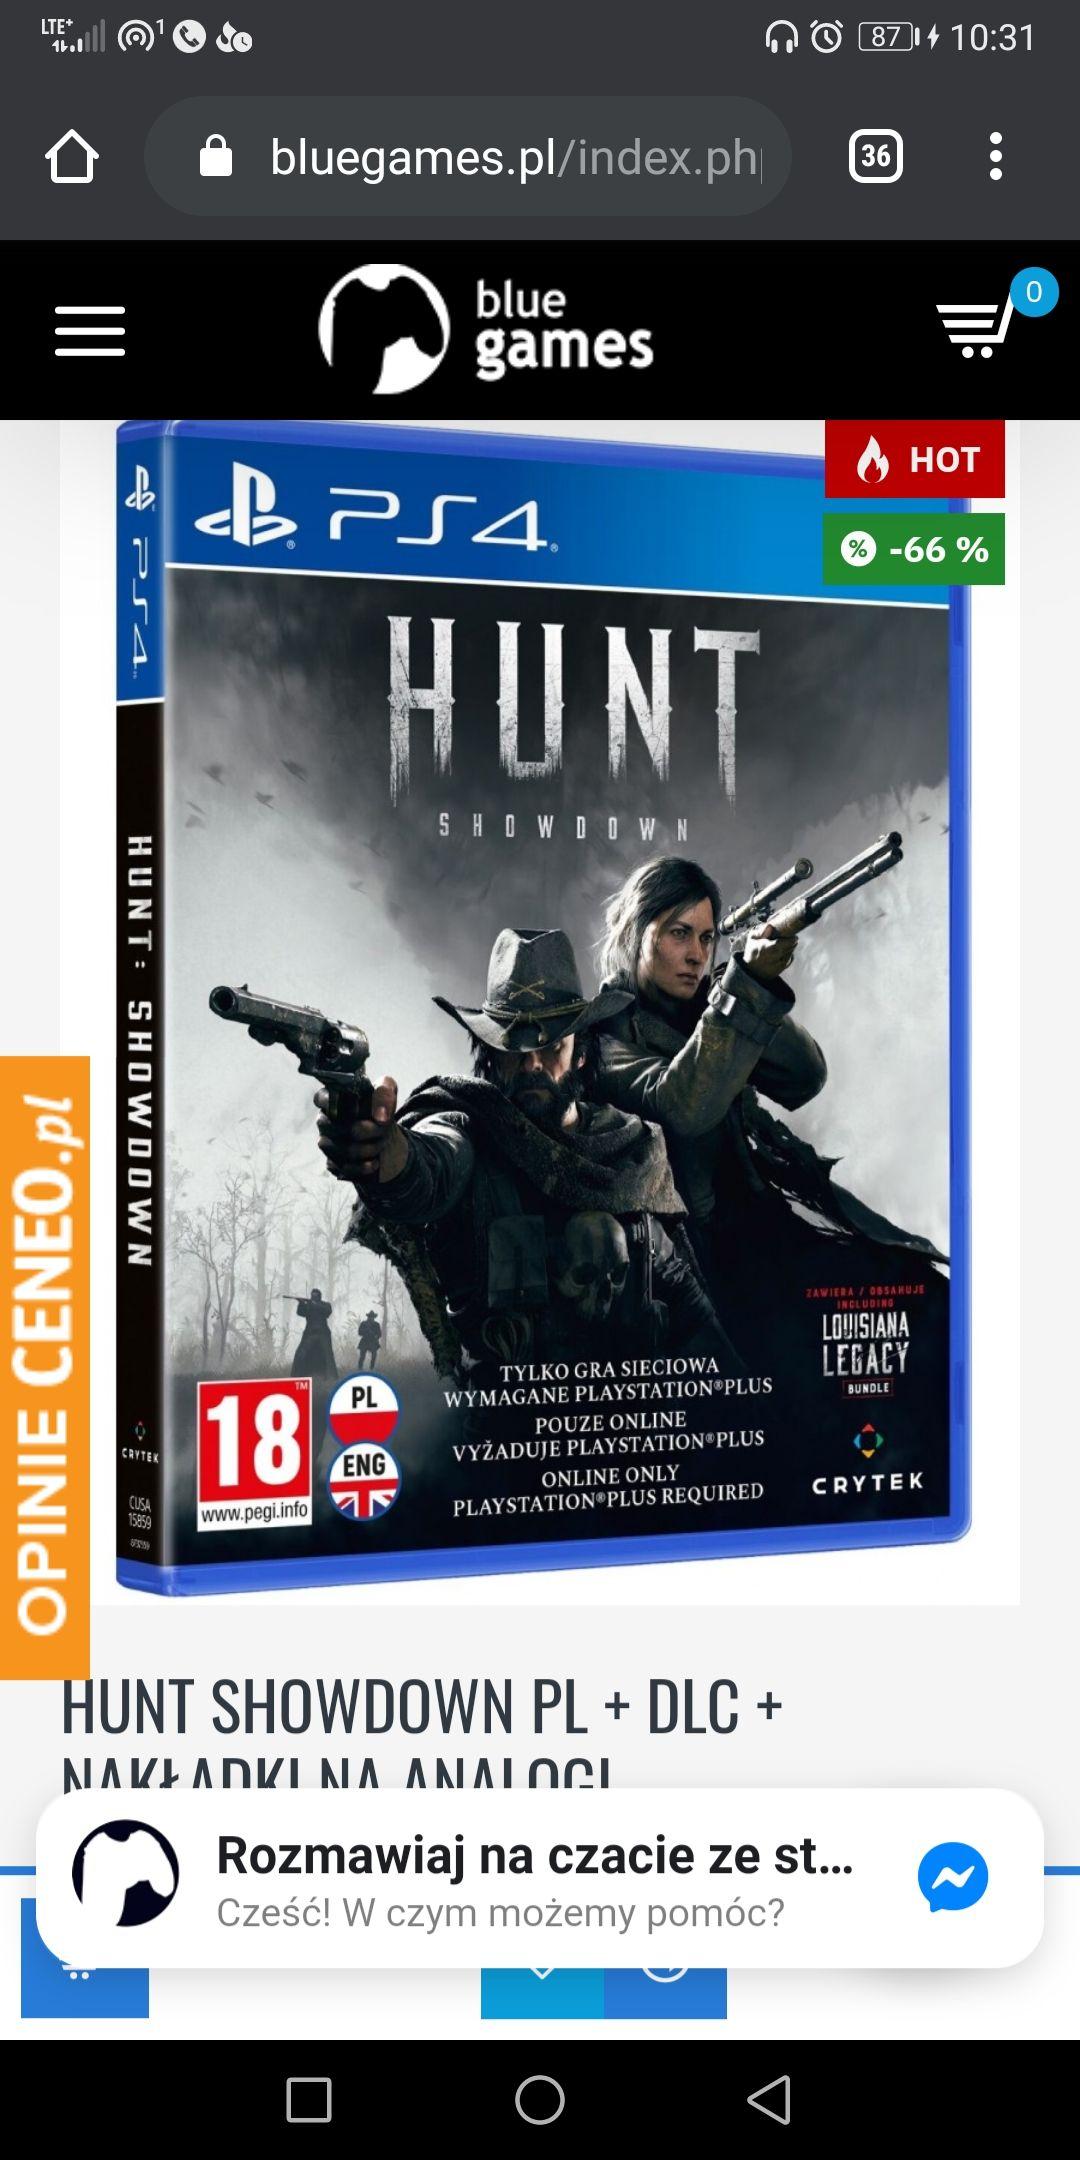 Hunt Showdown PL + DLC + nakładki na analogi PS4